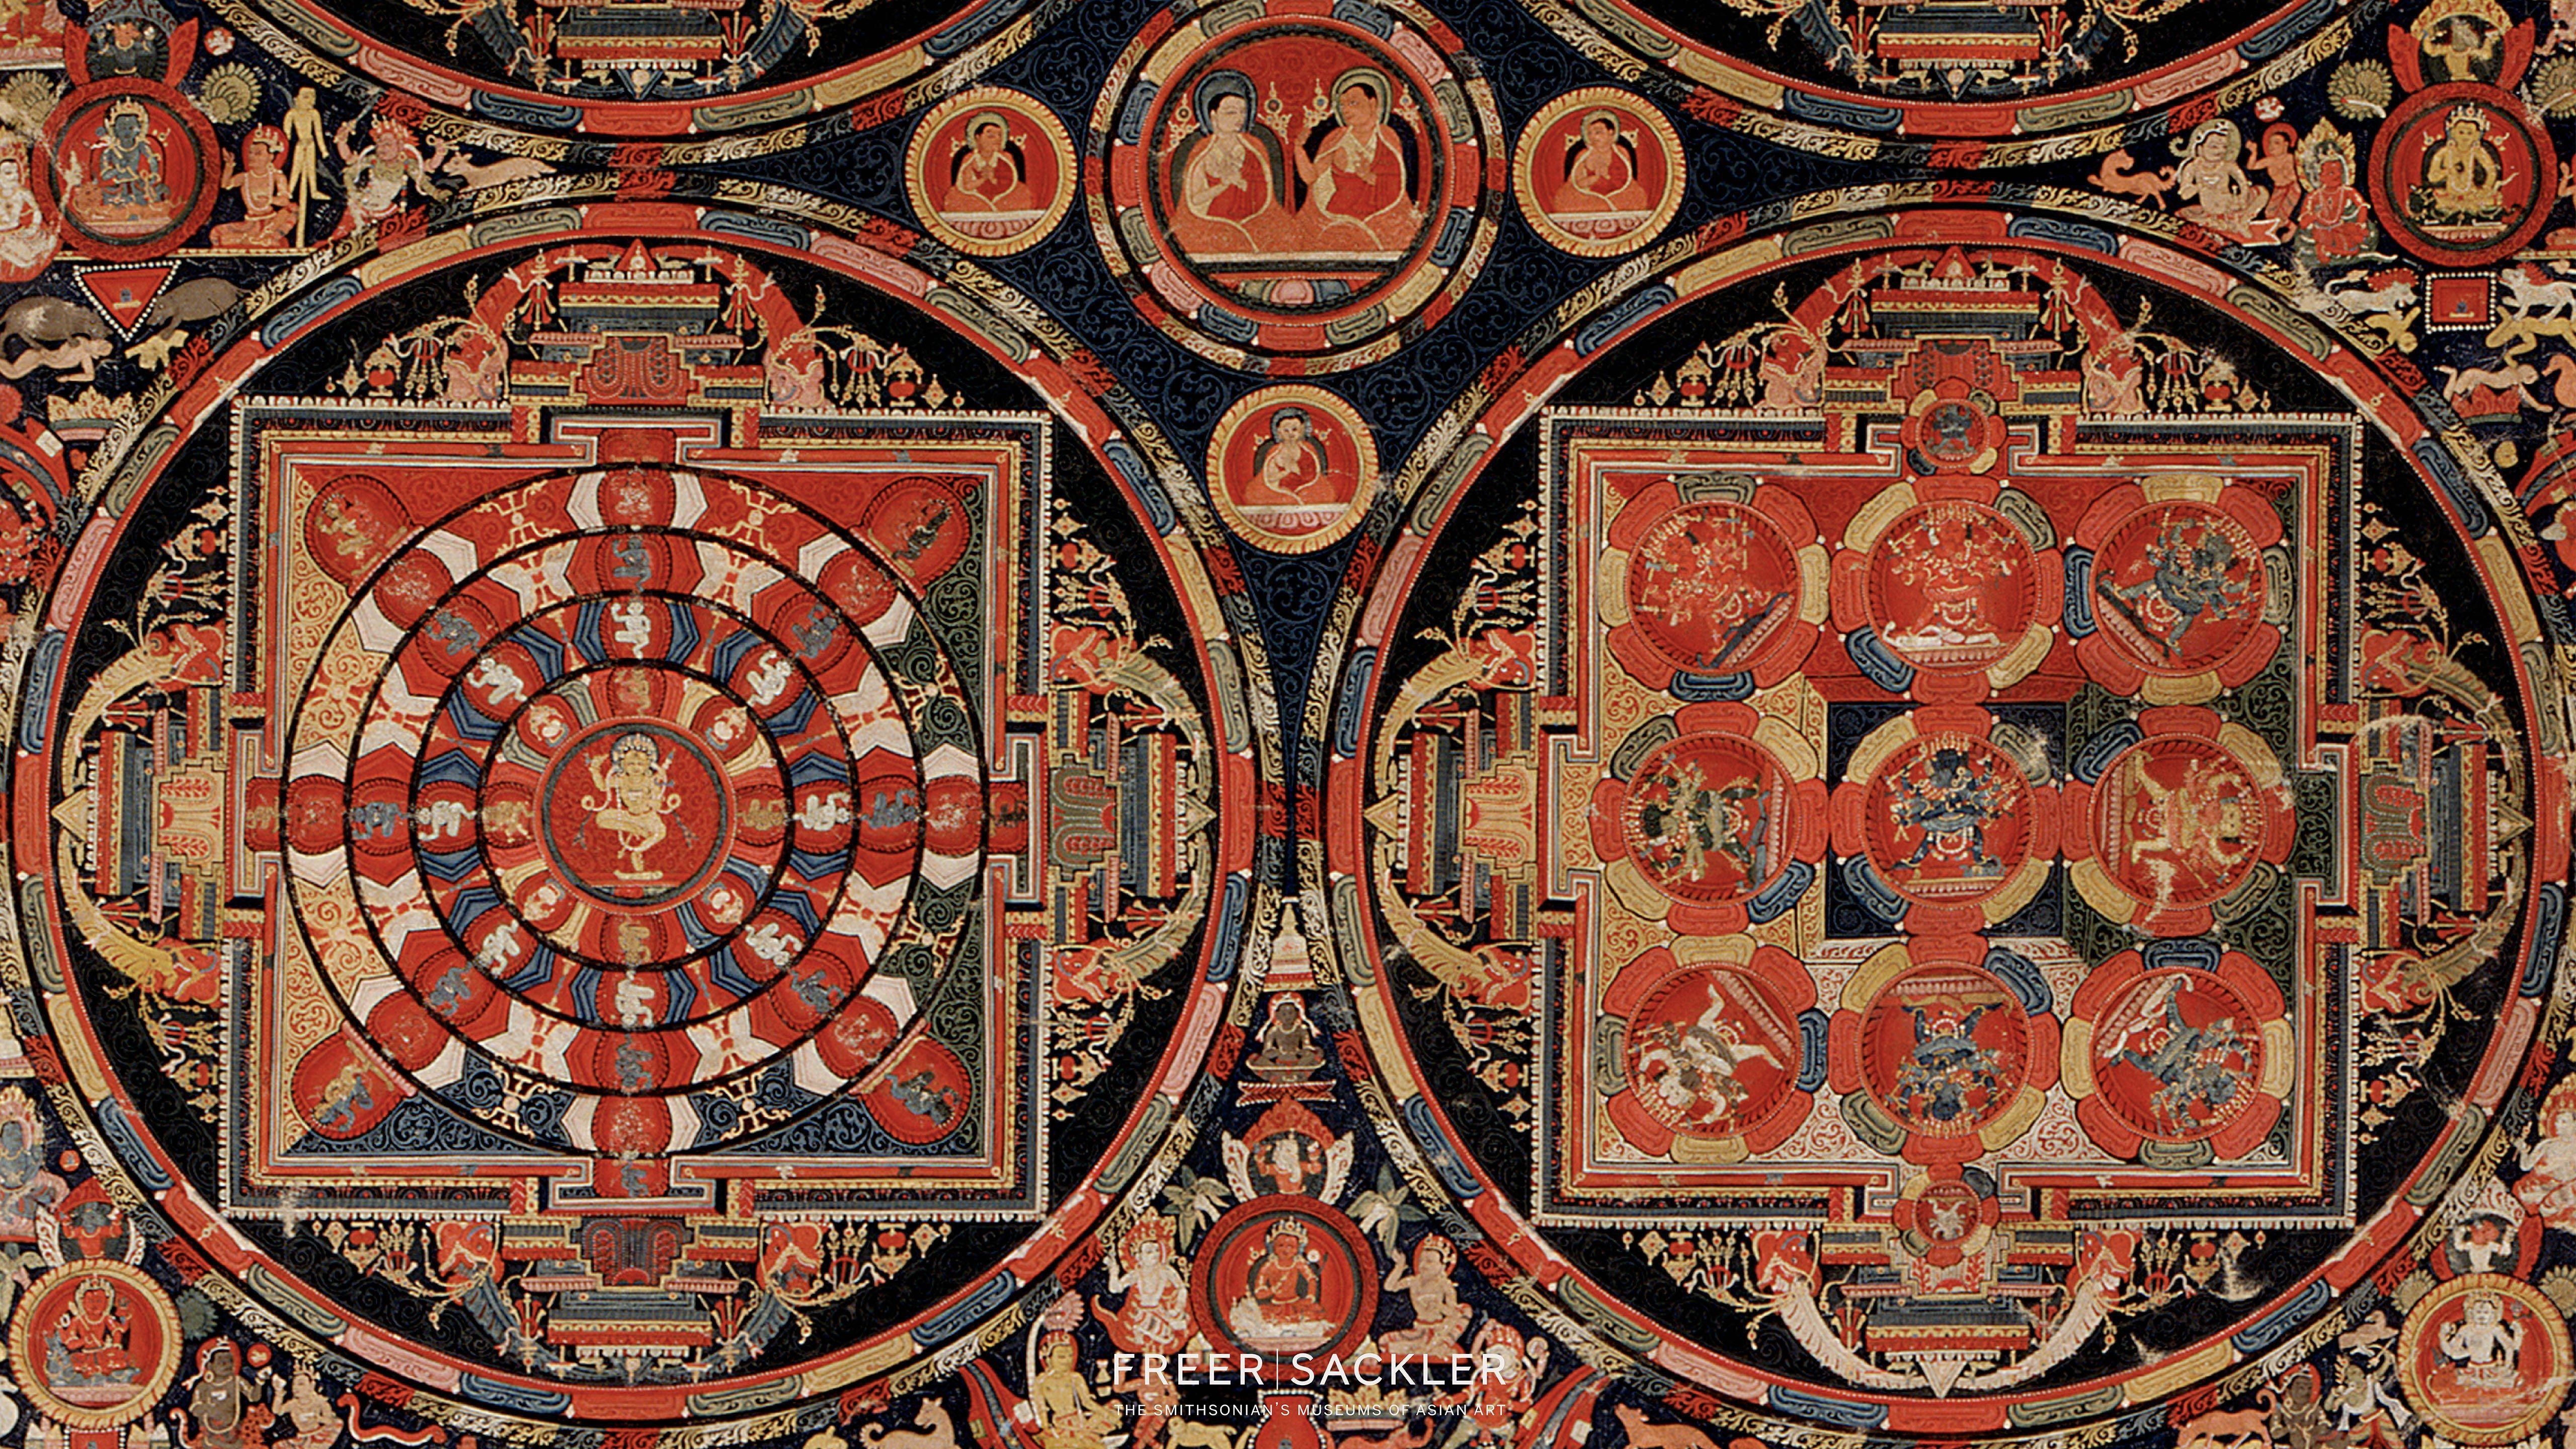 Máy tính để bàn 5120x2880 - Bốn Mandala Vajravali Thangka, Hình nền HD